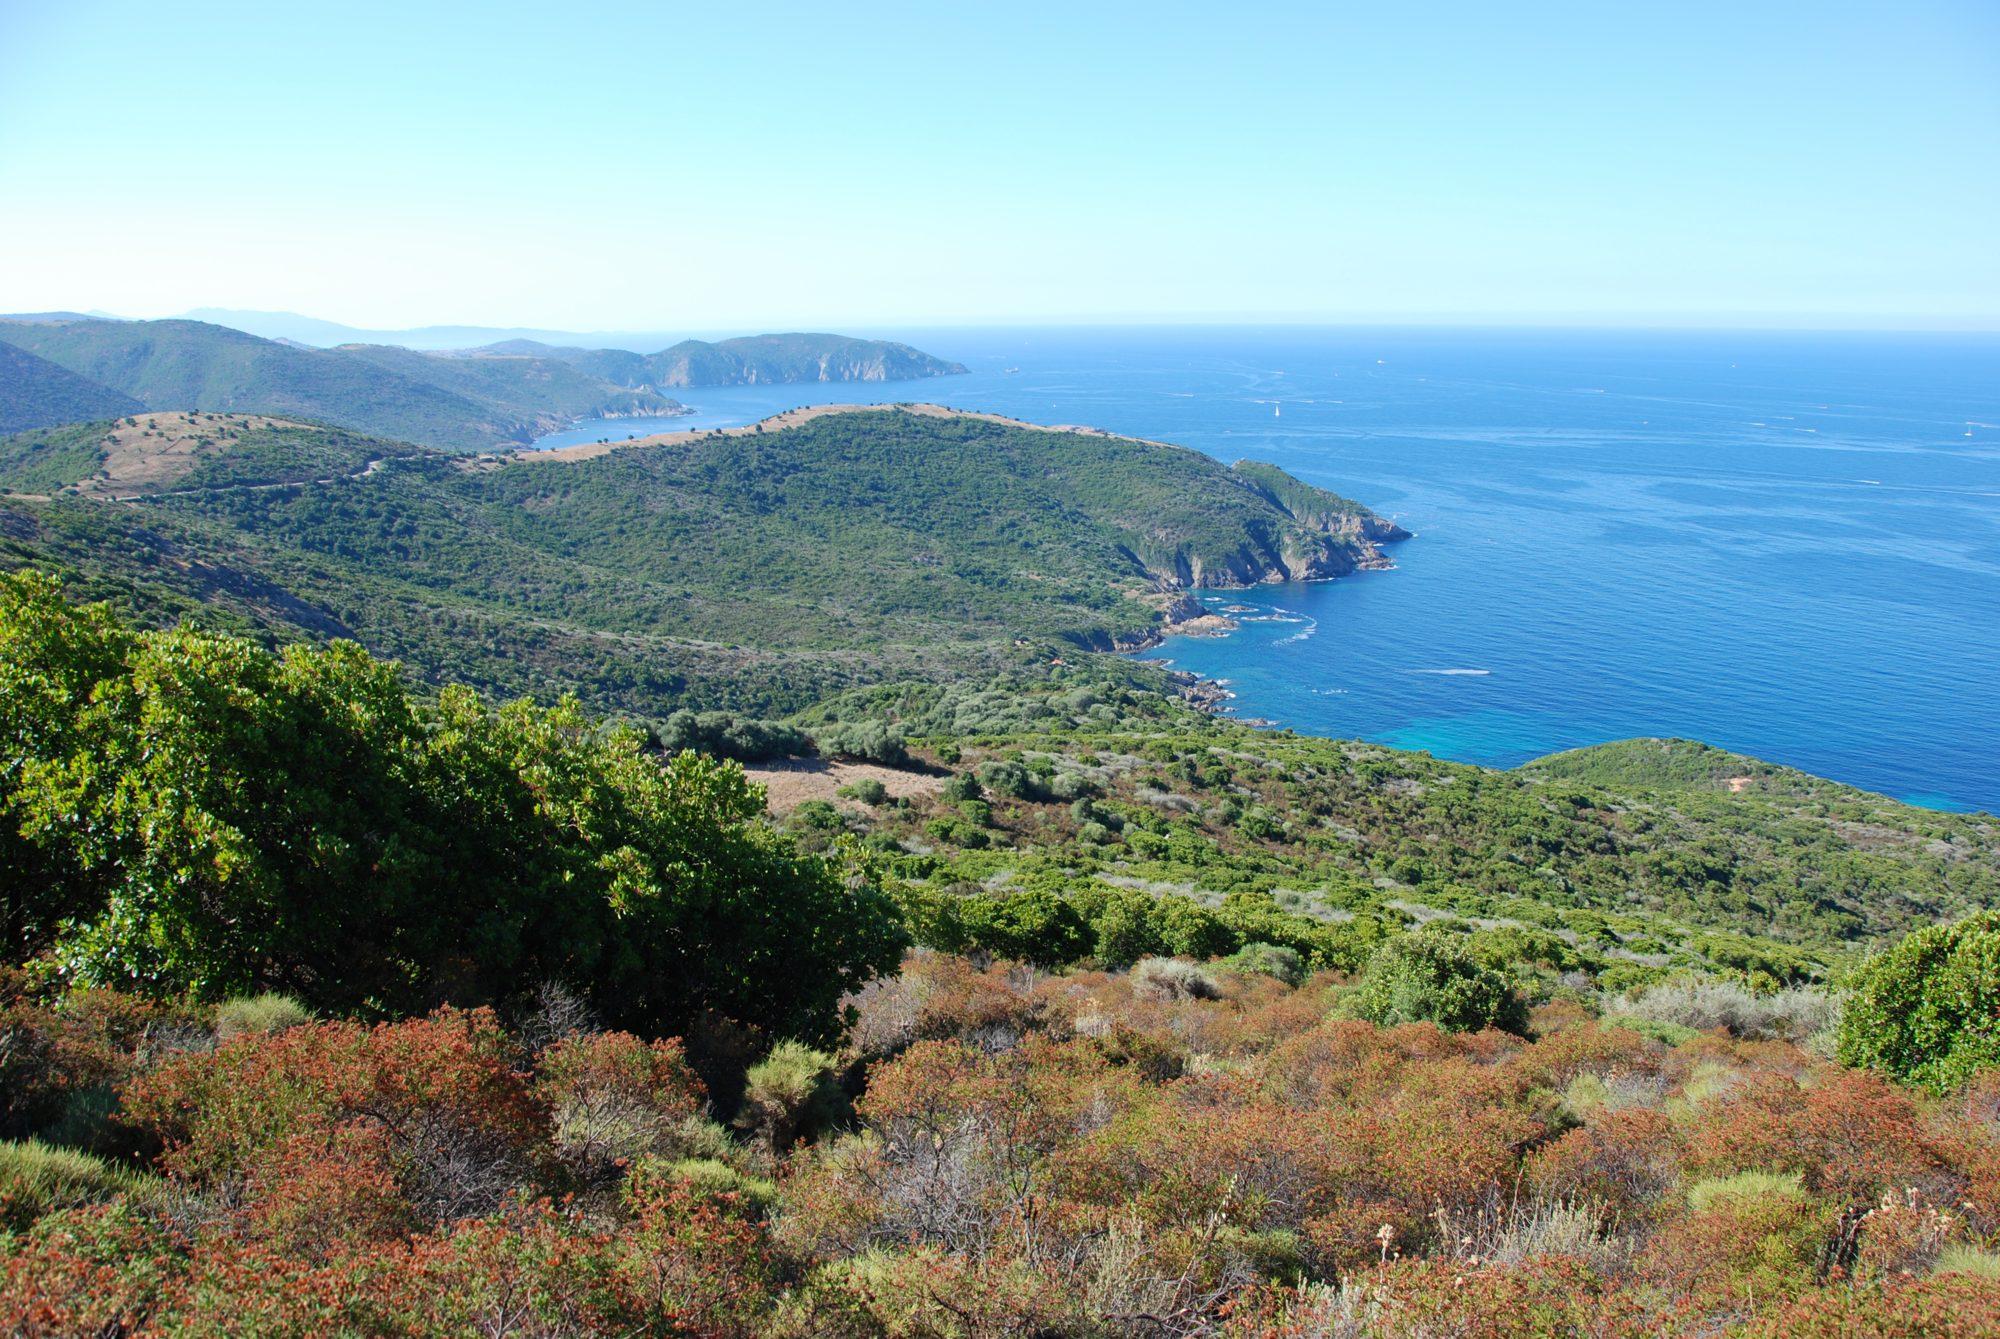 Wanderung auf den Capo Rosso